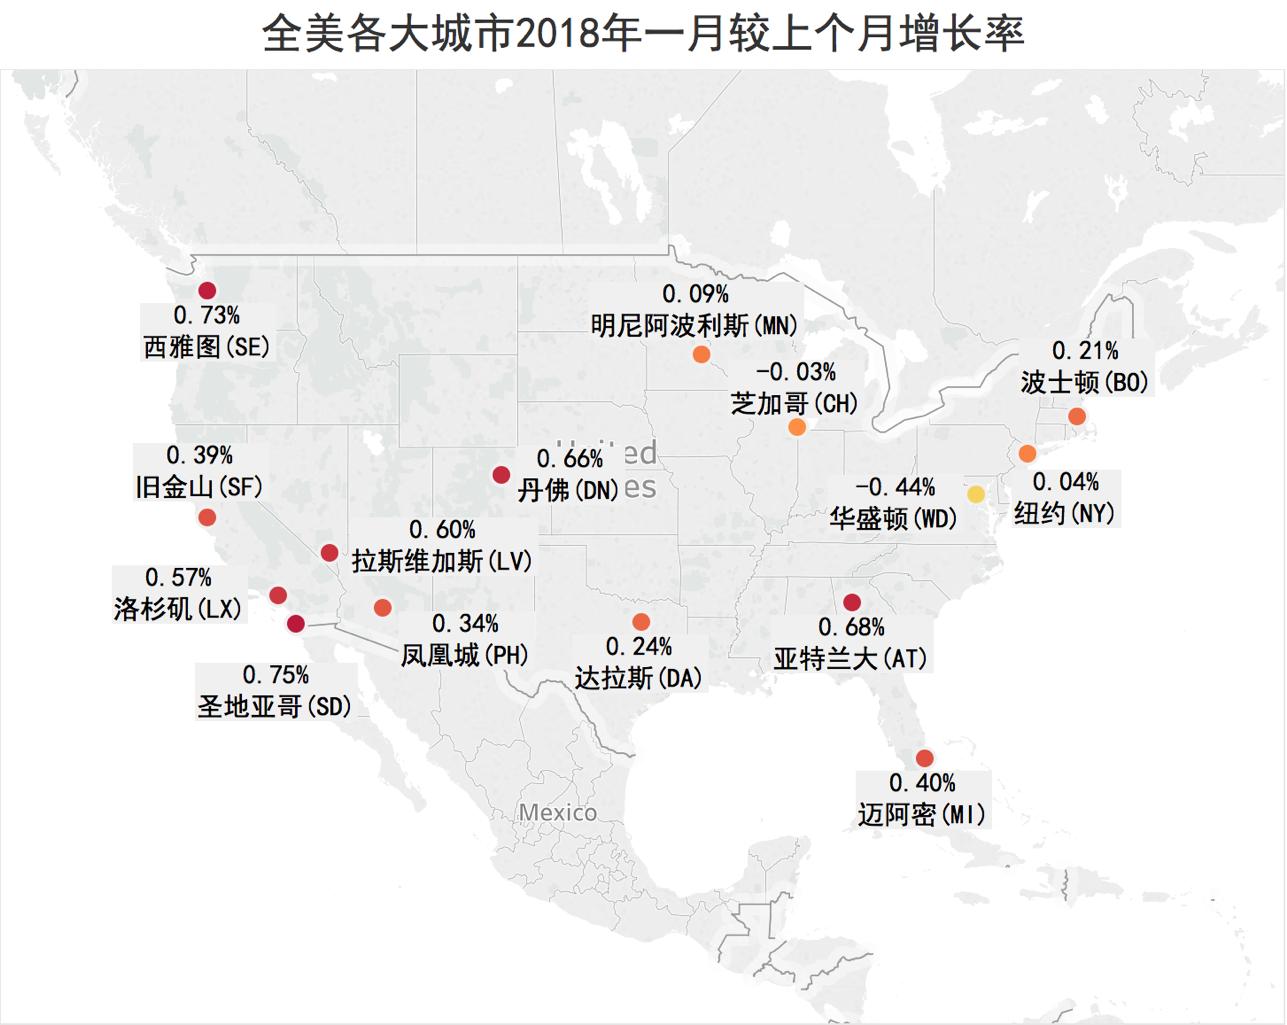 美国城市房价较上月增长率